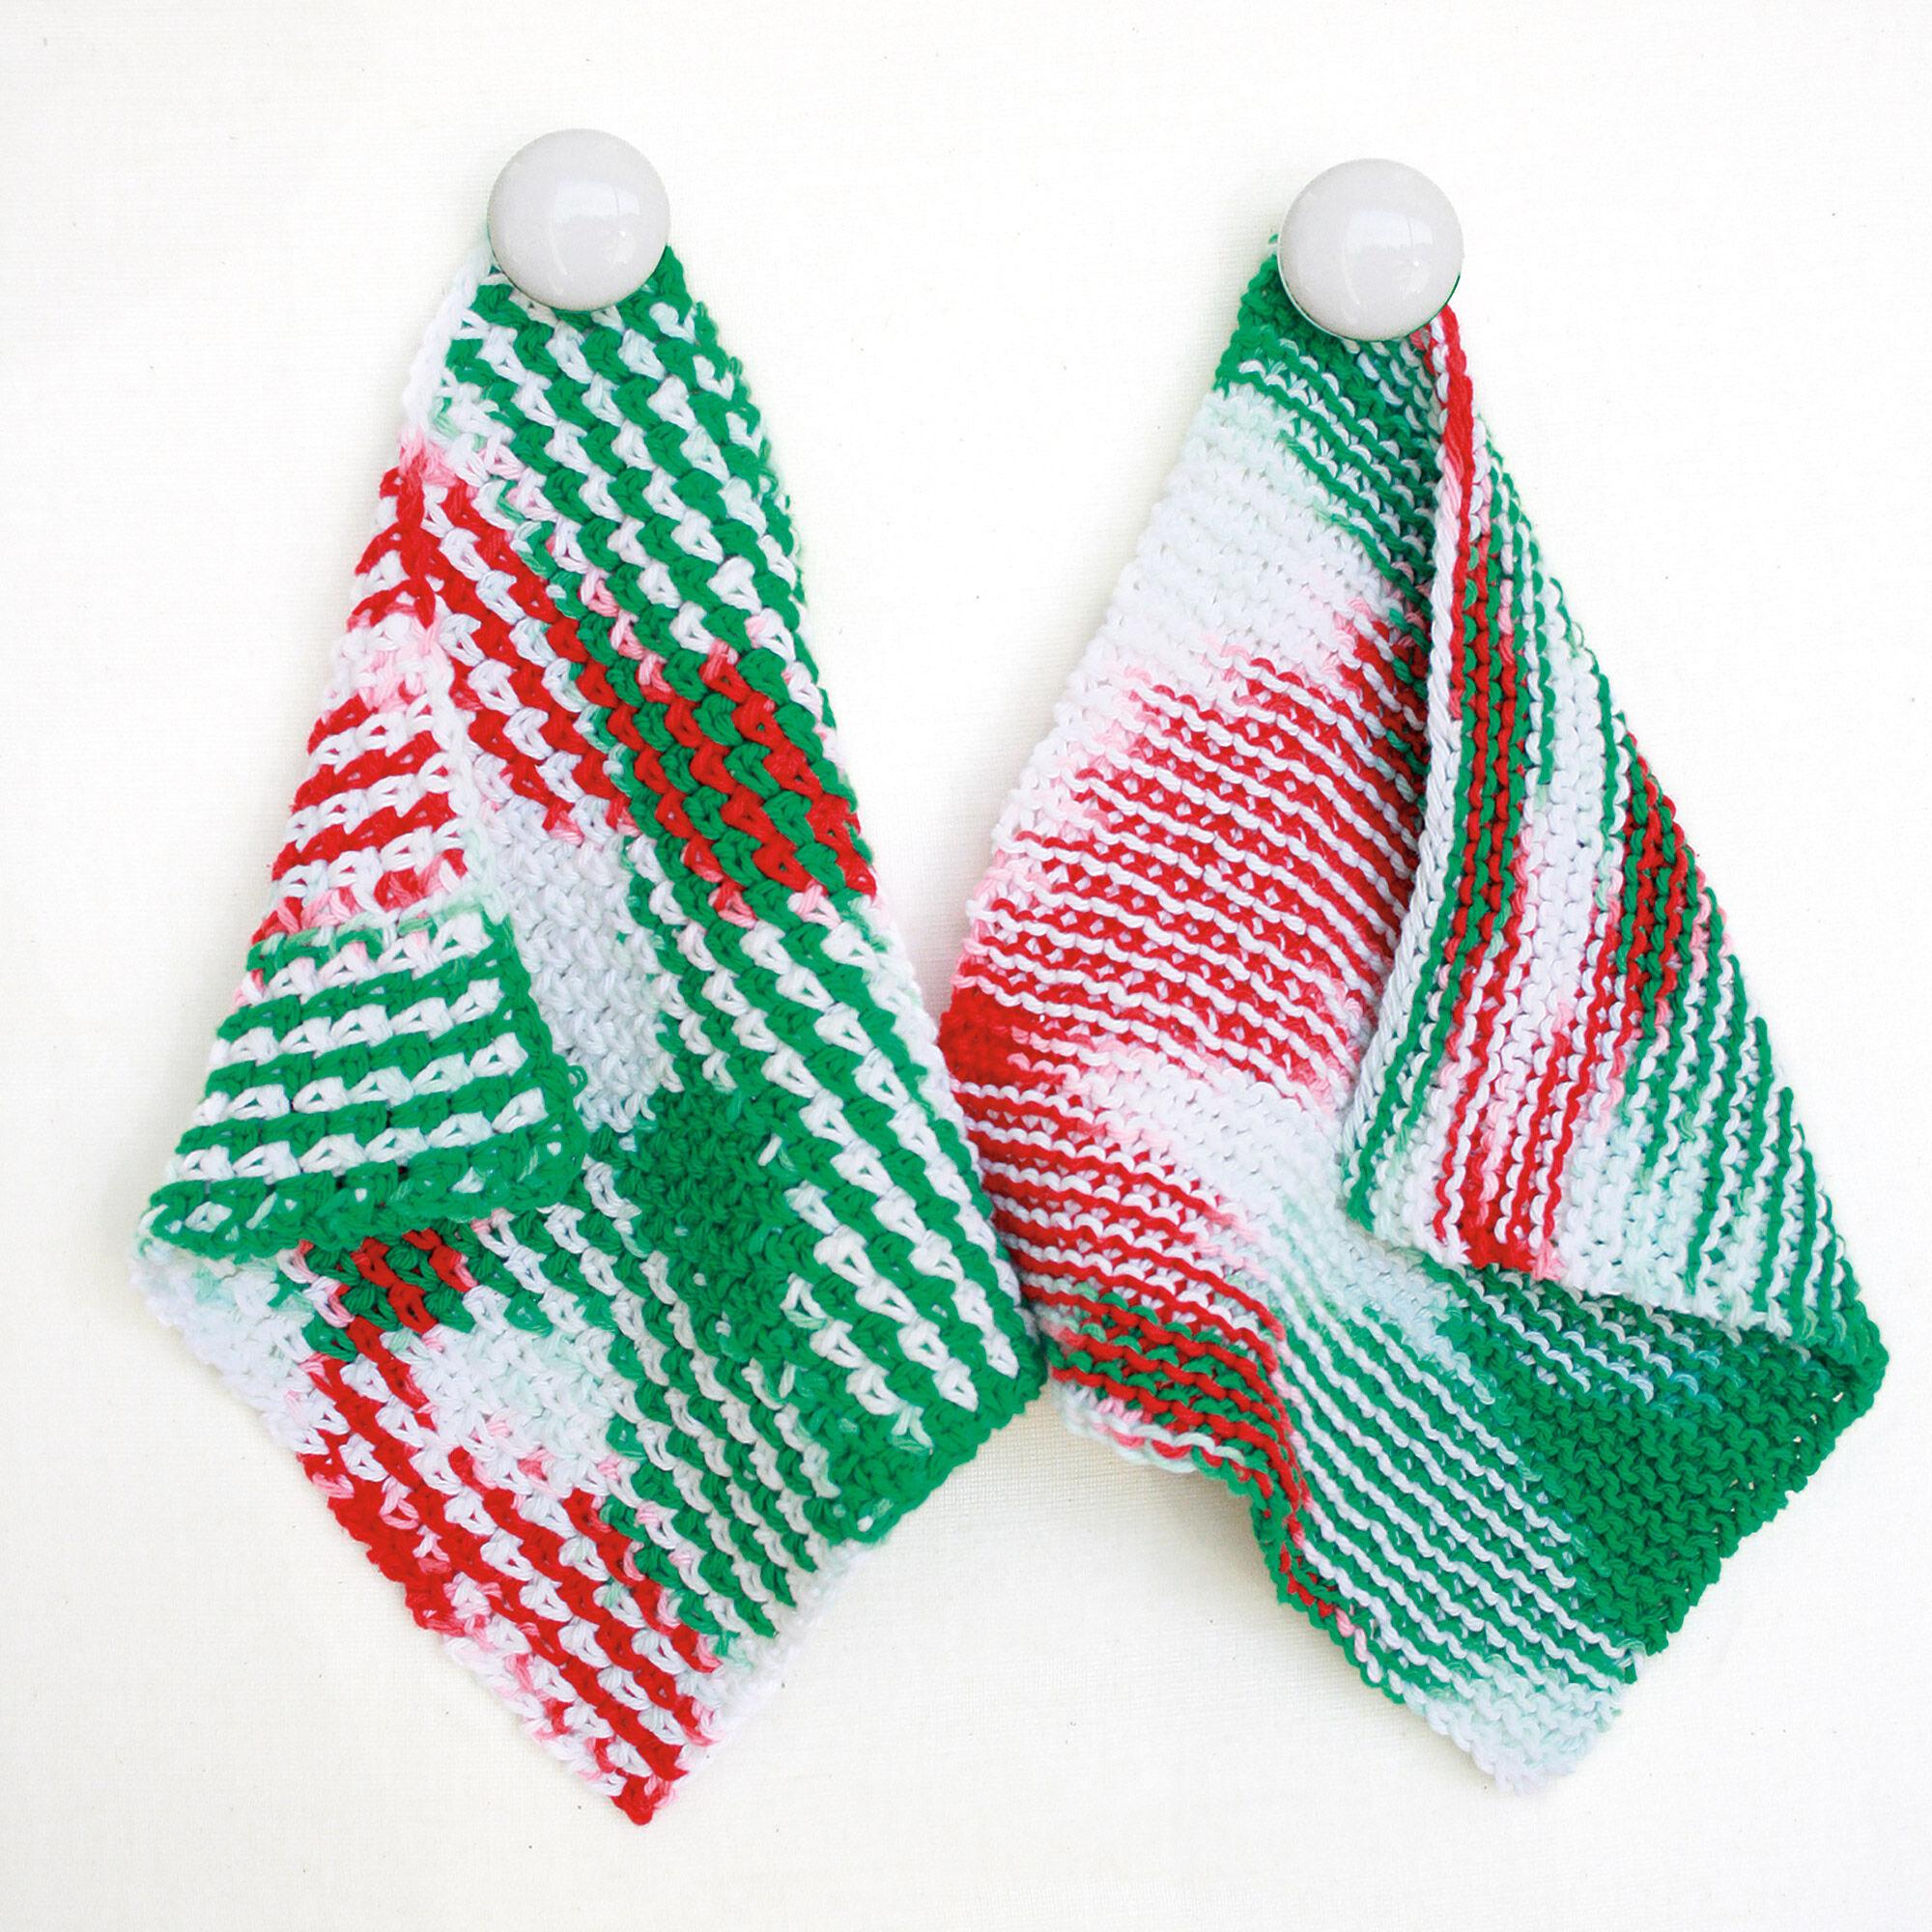 Bernat Dishcloth, Knit | Yarnspirations